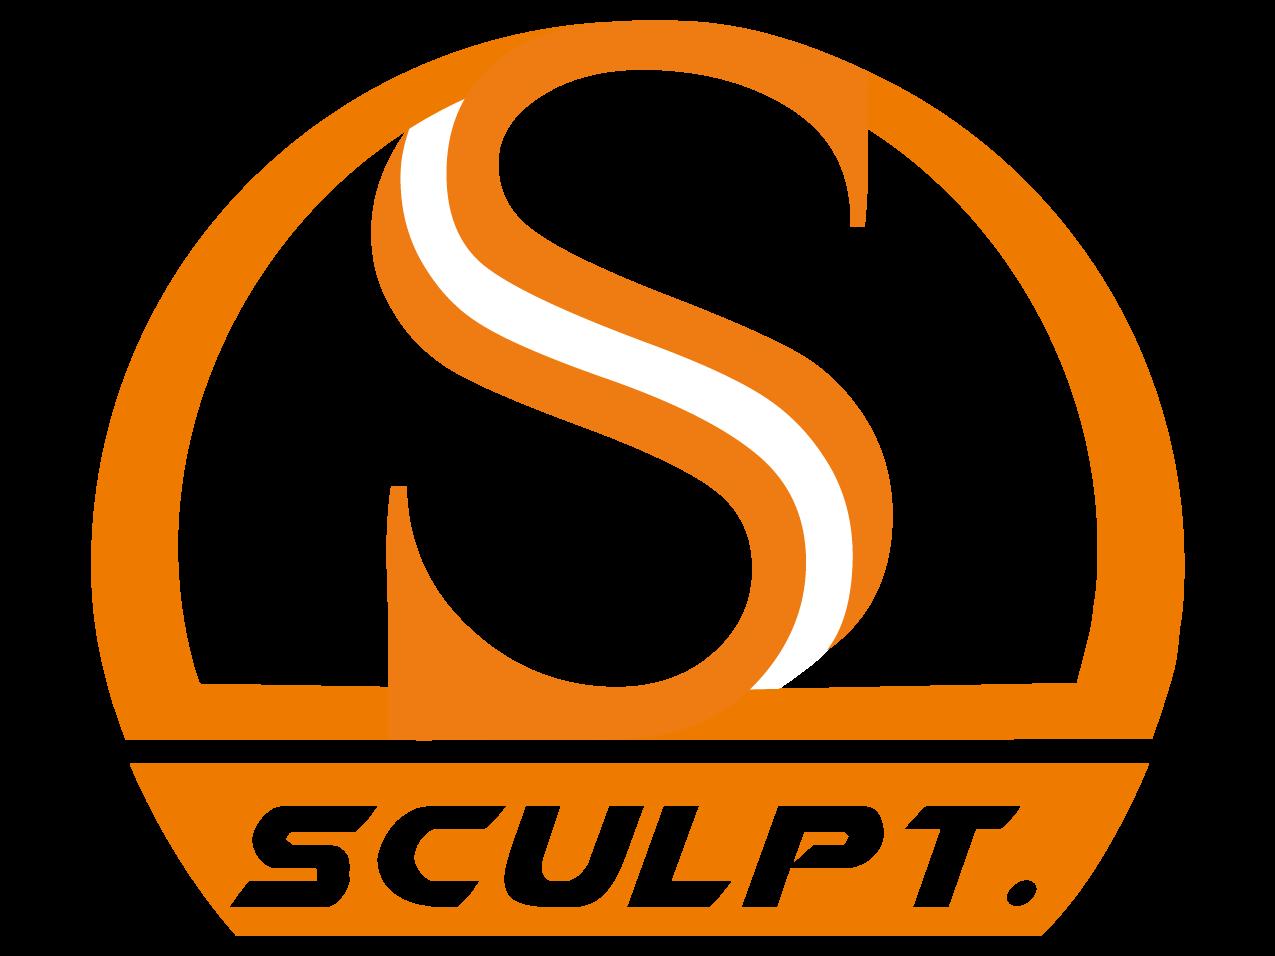 SculptLife